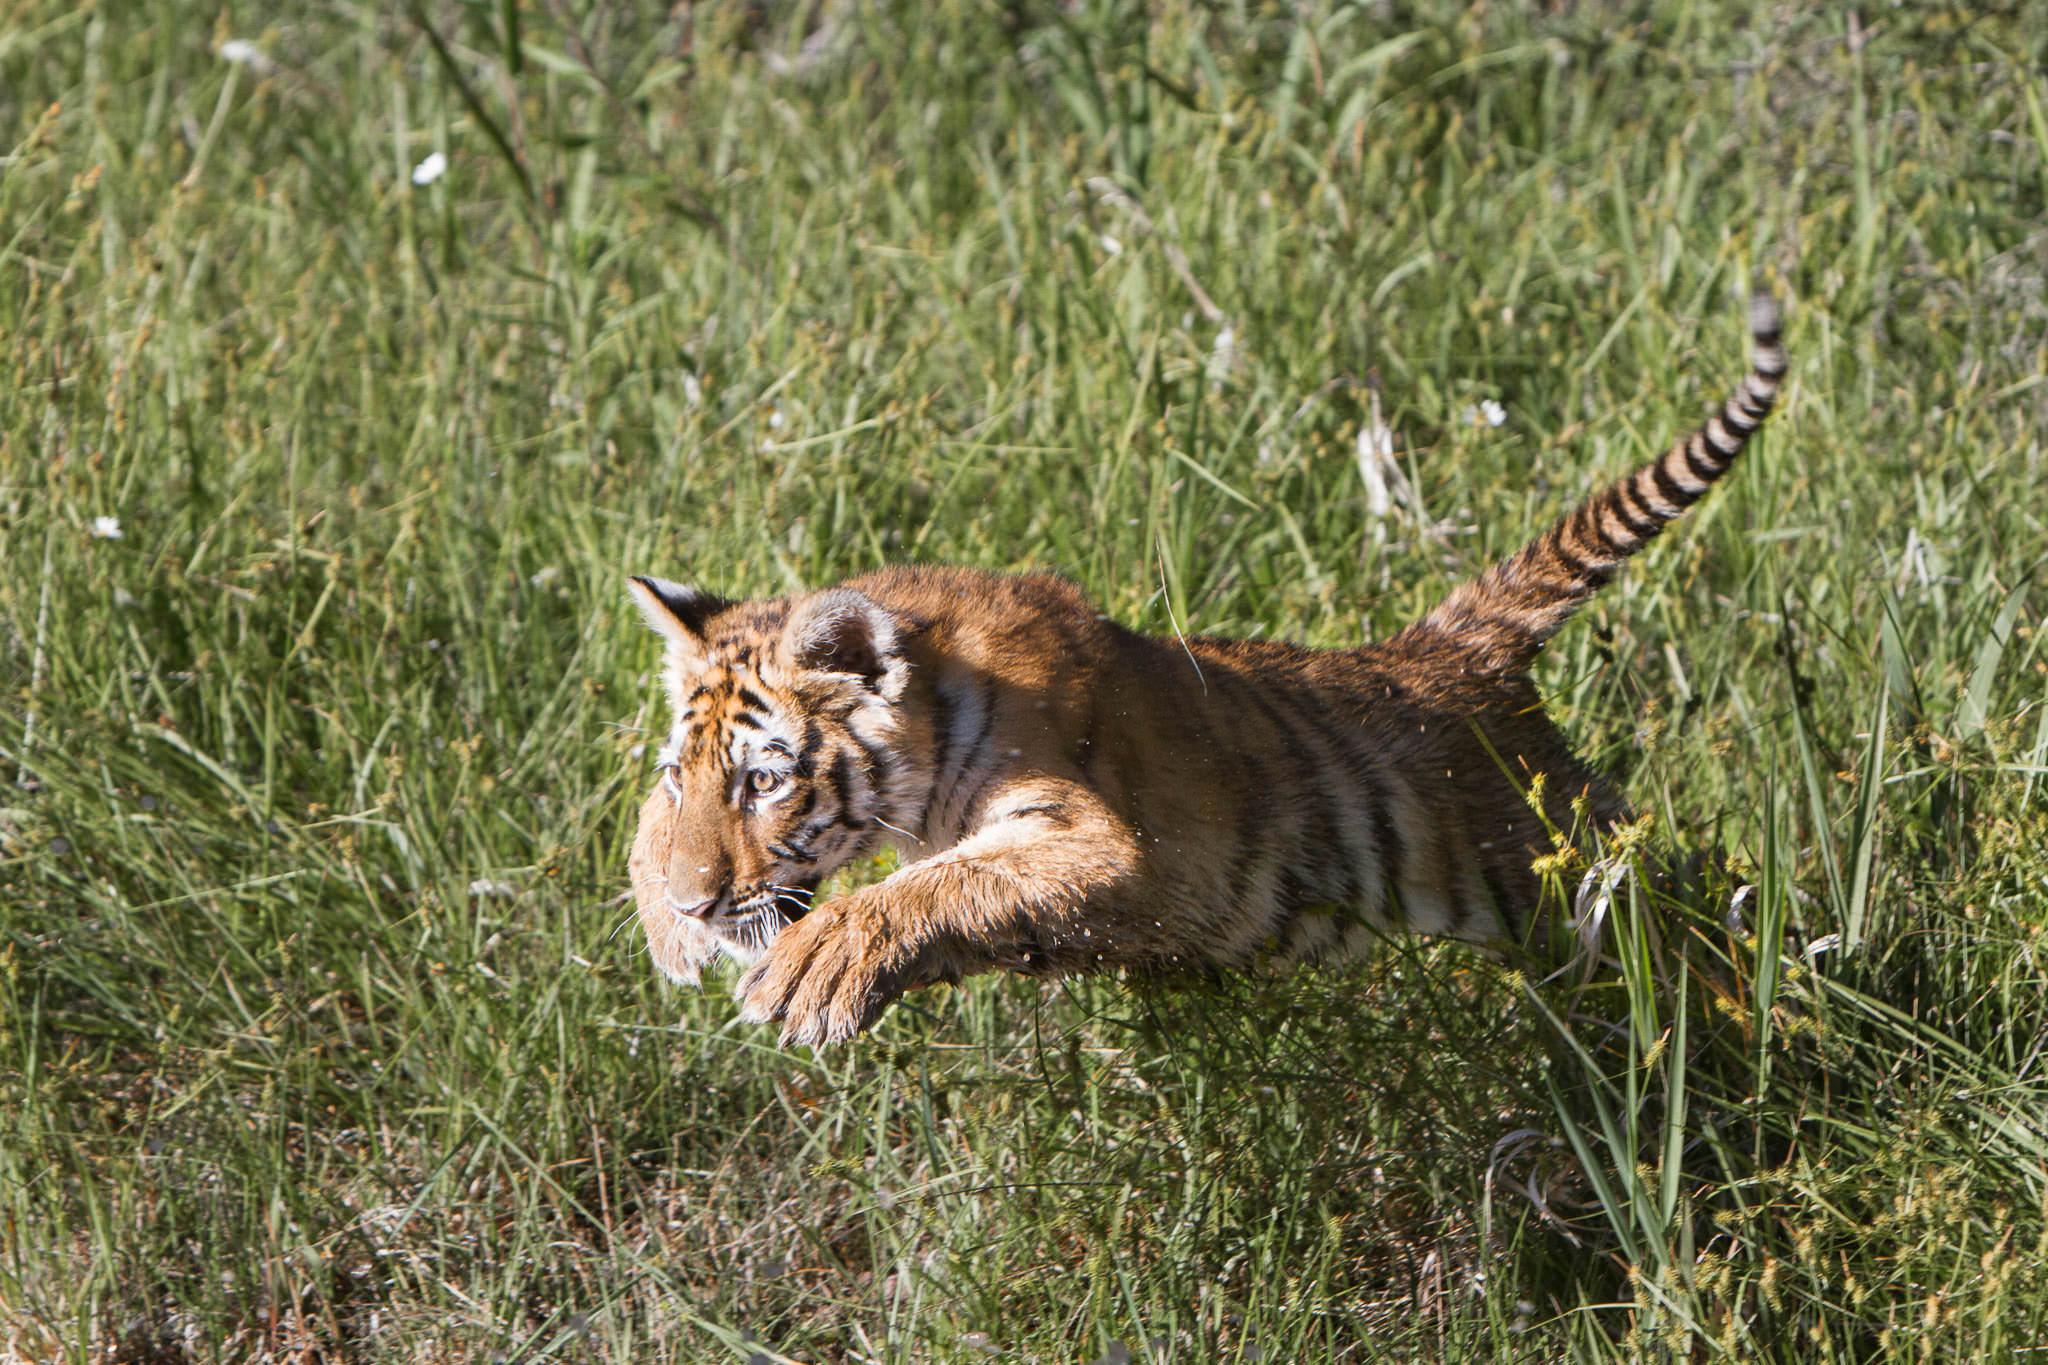 Tiger cub #20130707_0561